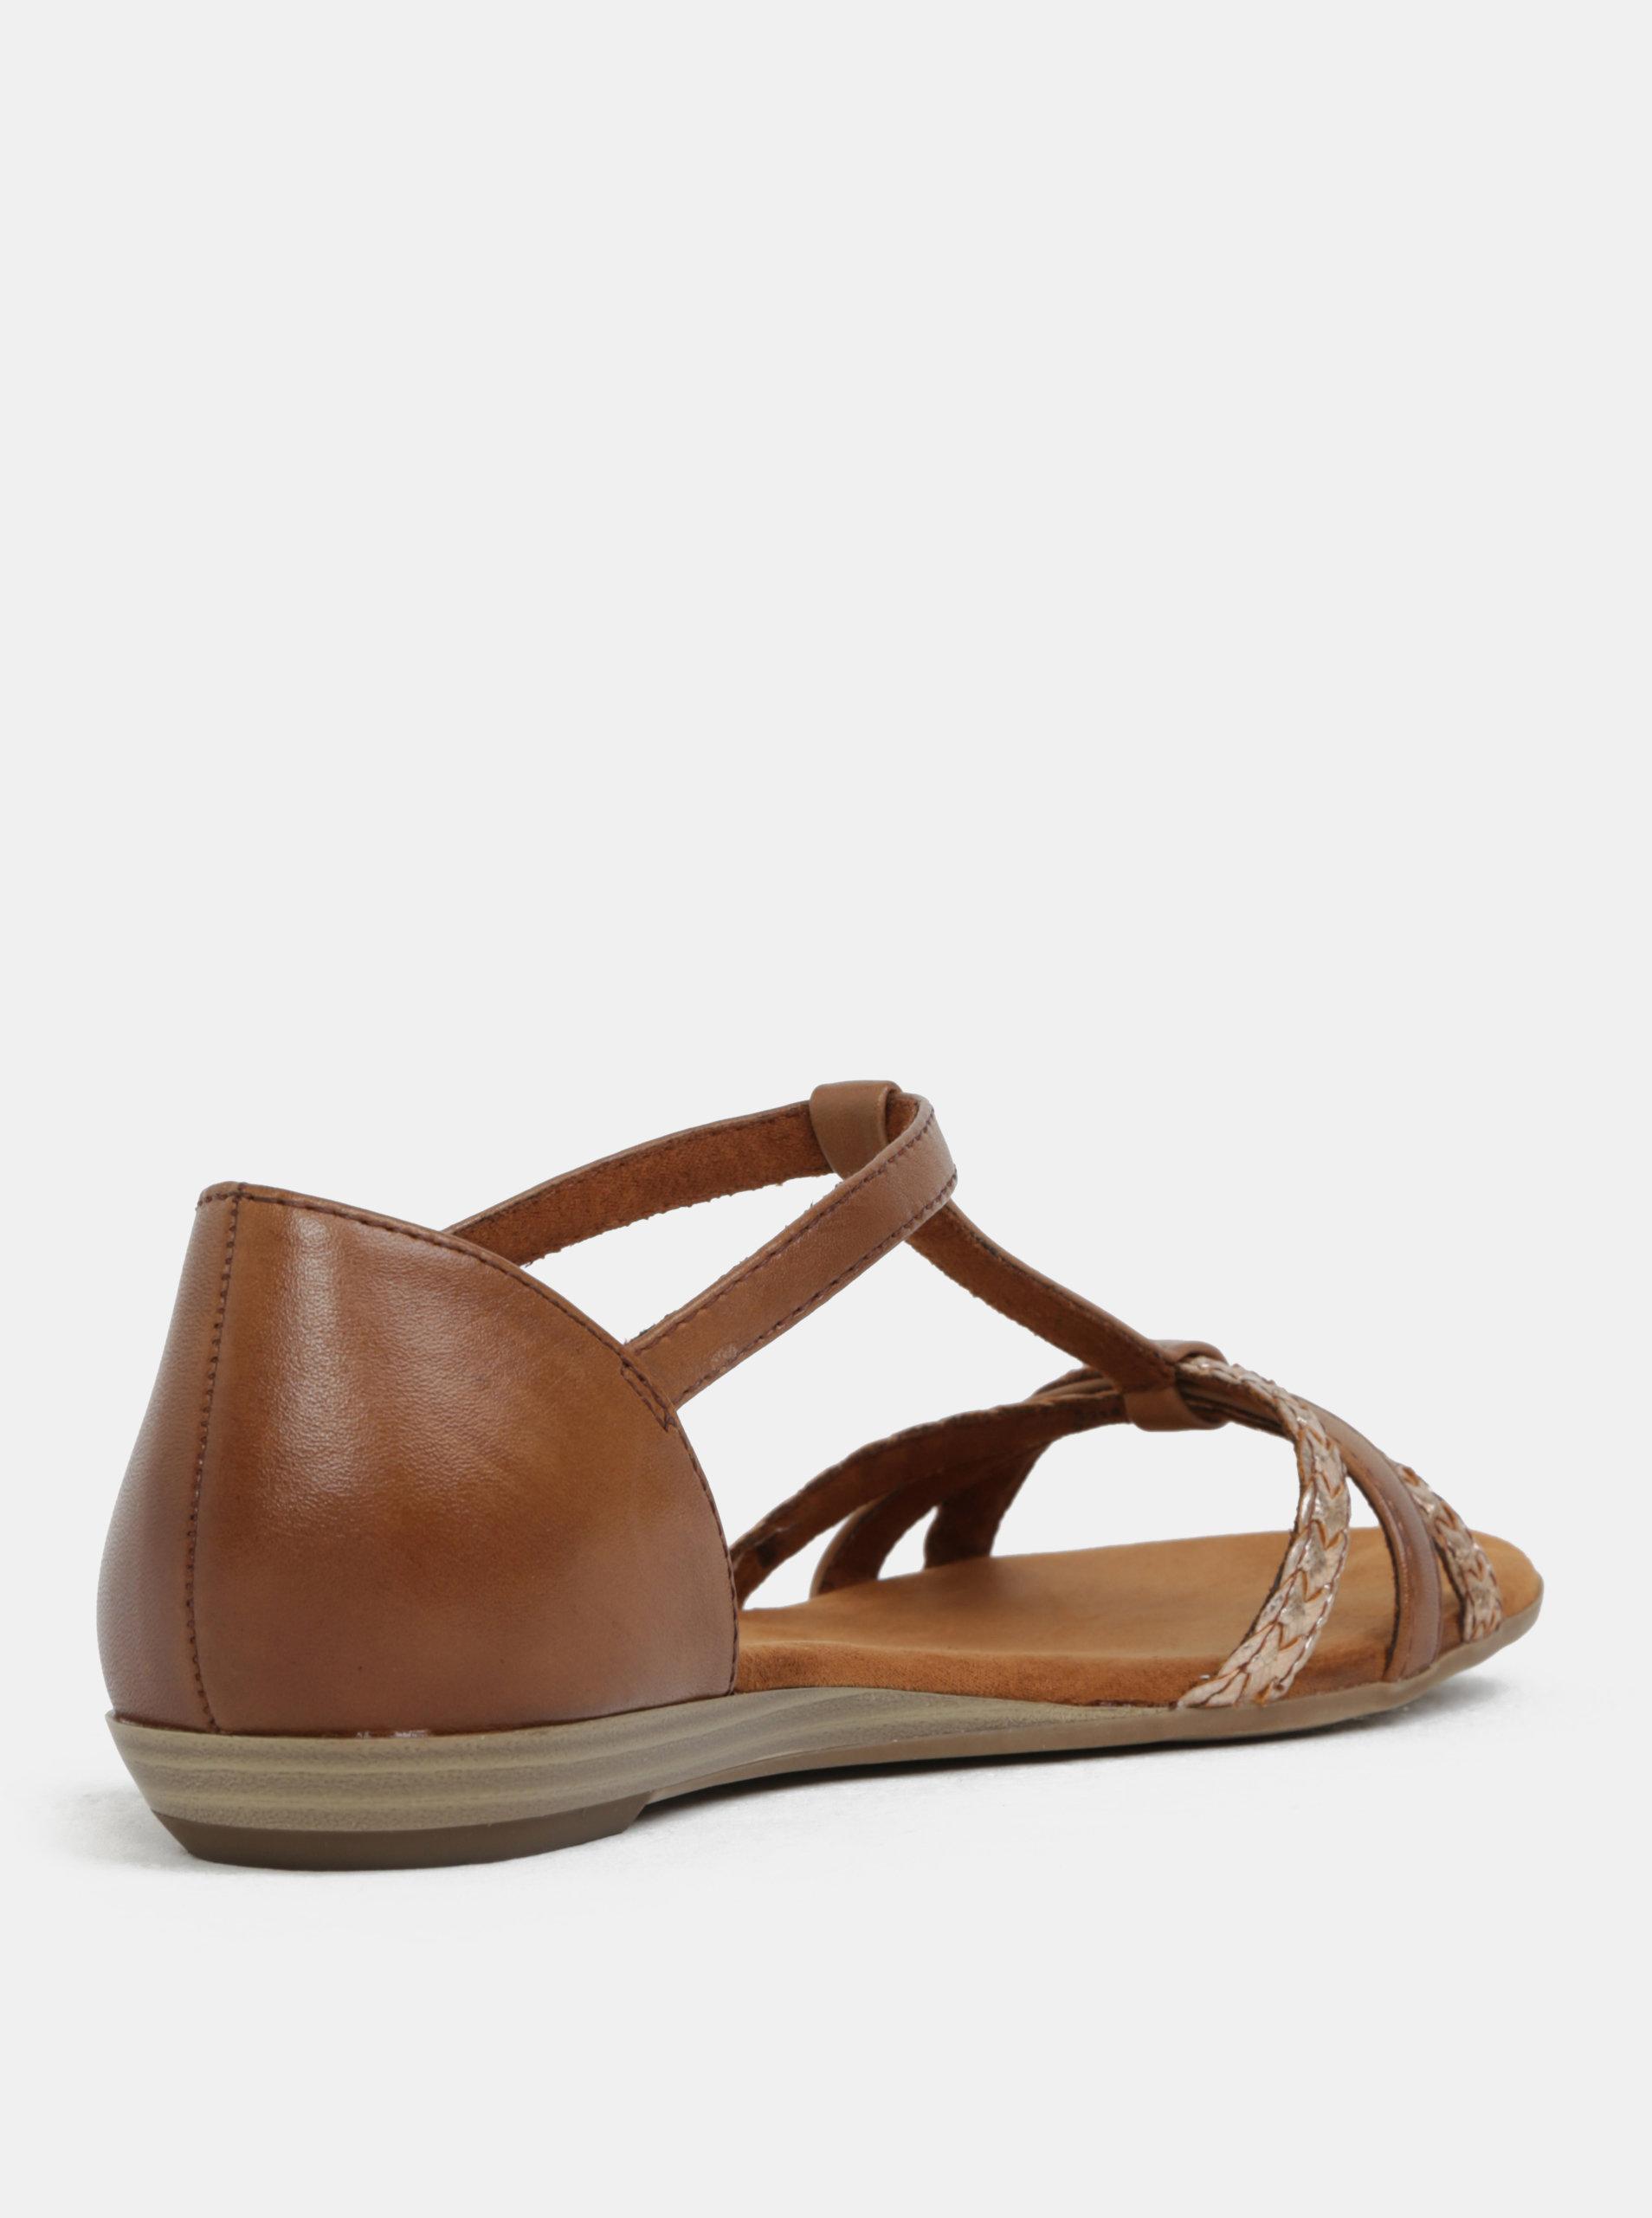 53249dbfbe Hnedé kožené sandále Tamaris ...